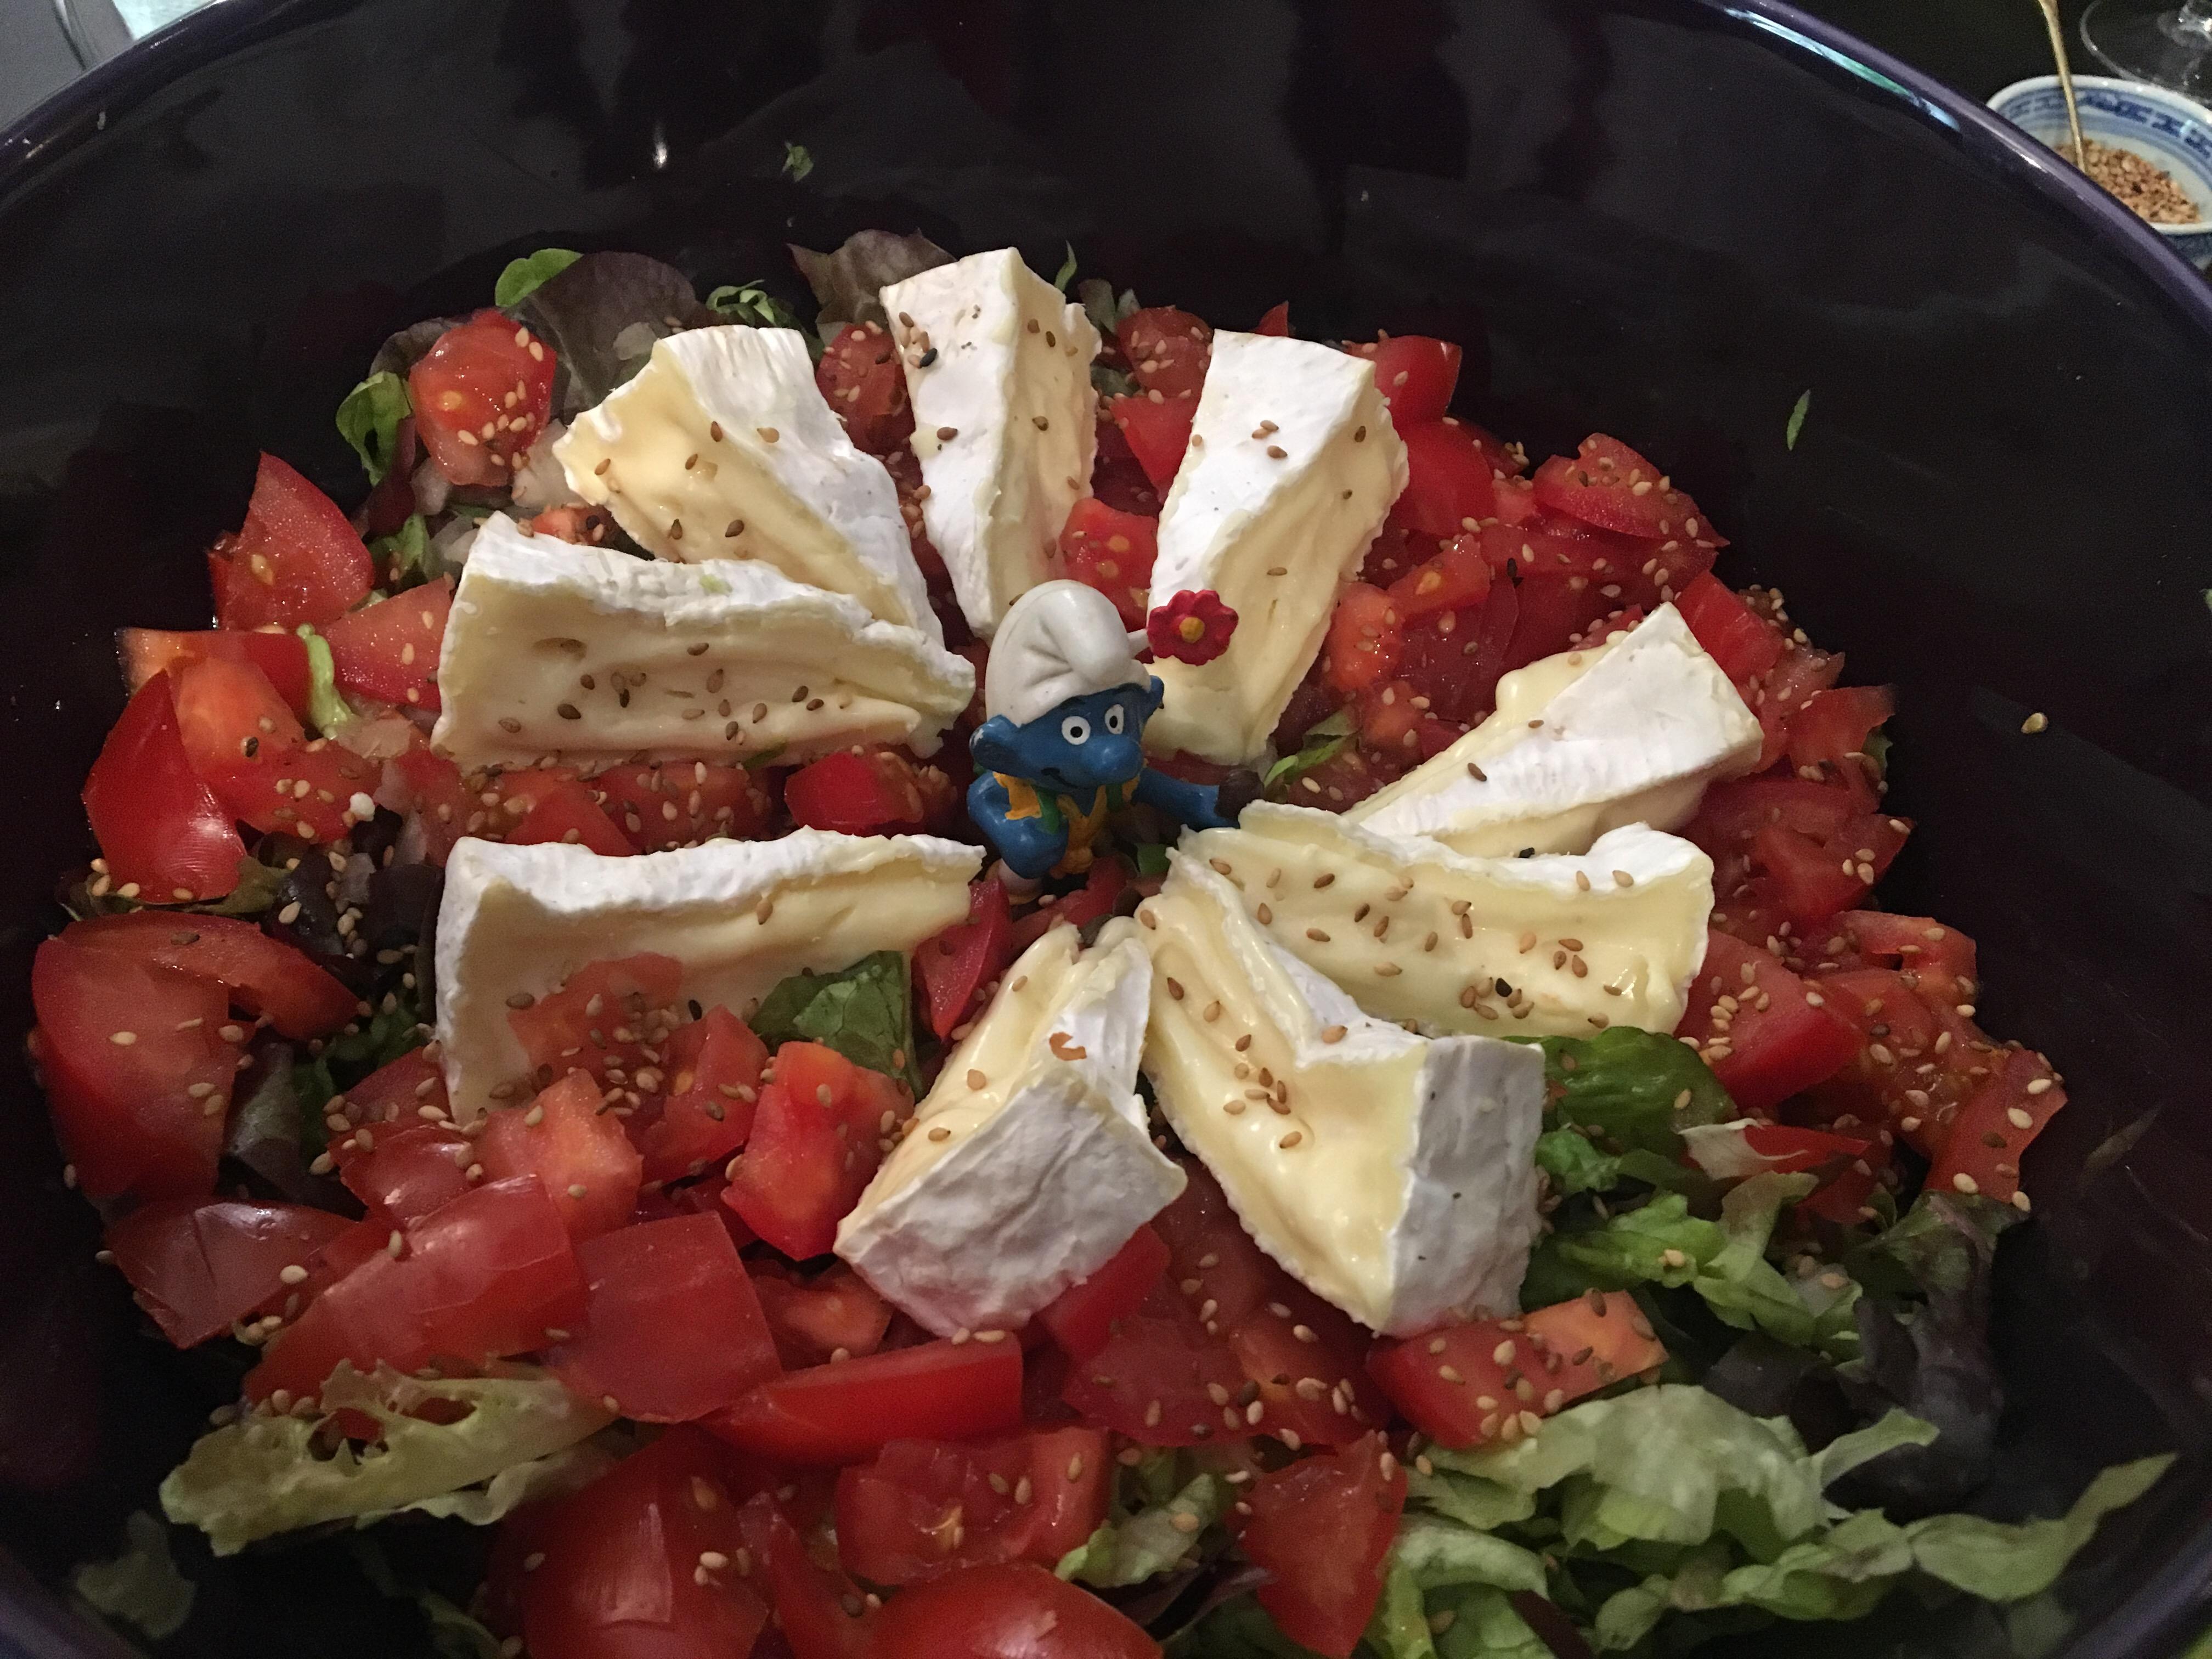 Pilgrim smurf in salad, Le Papillon Vert, Chemin du Puy